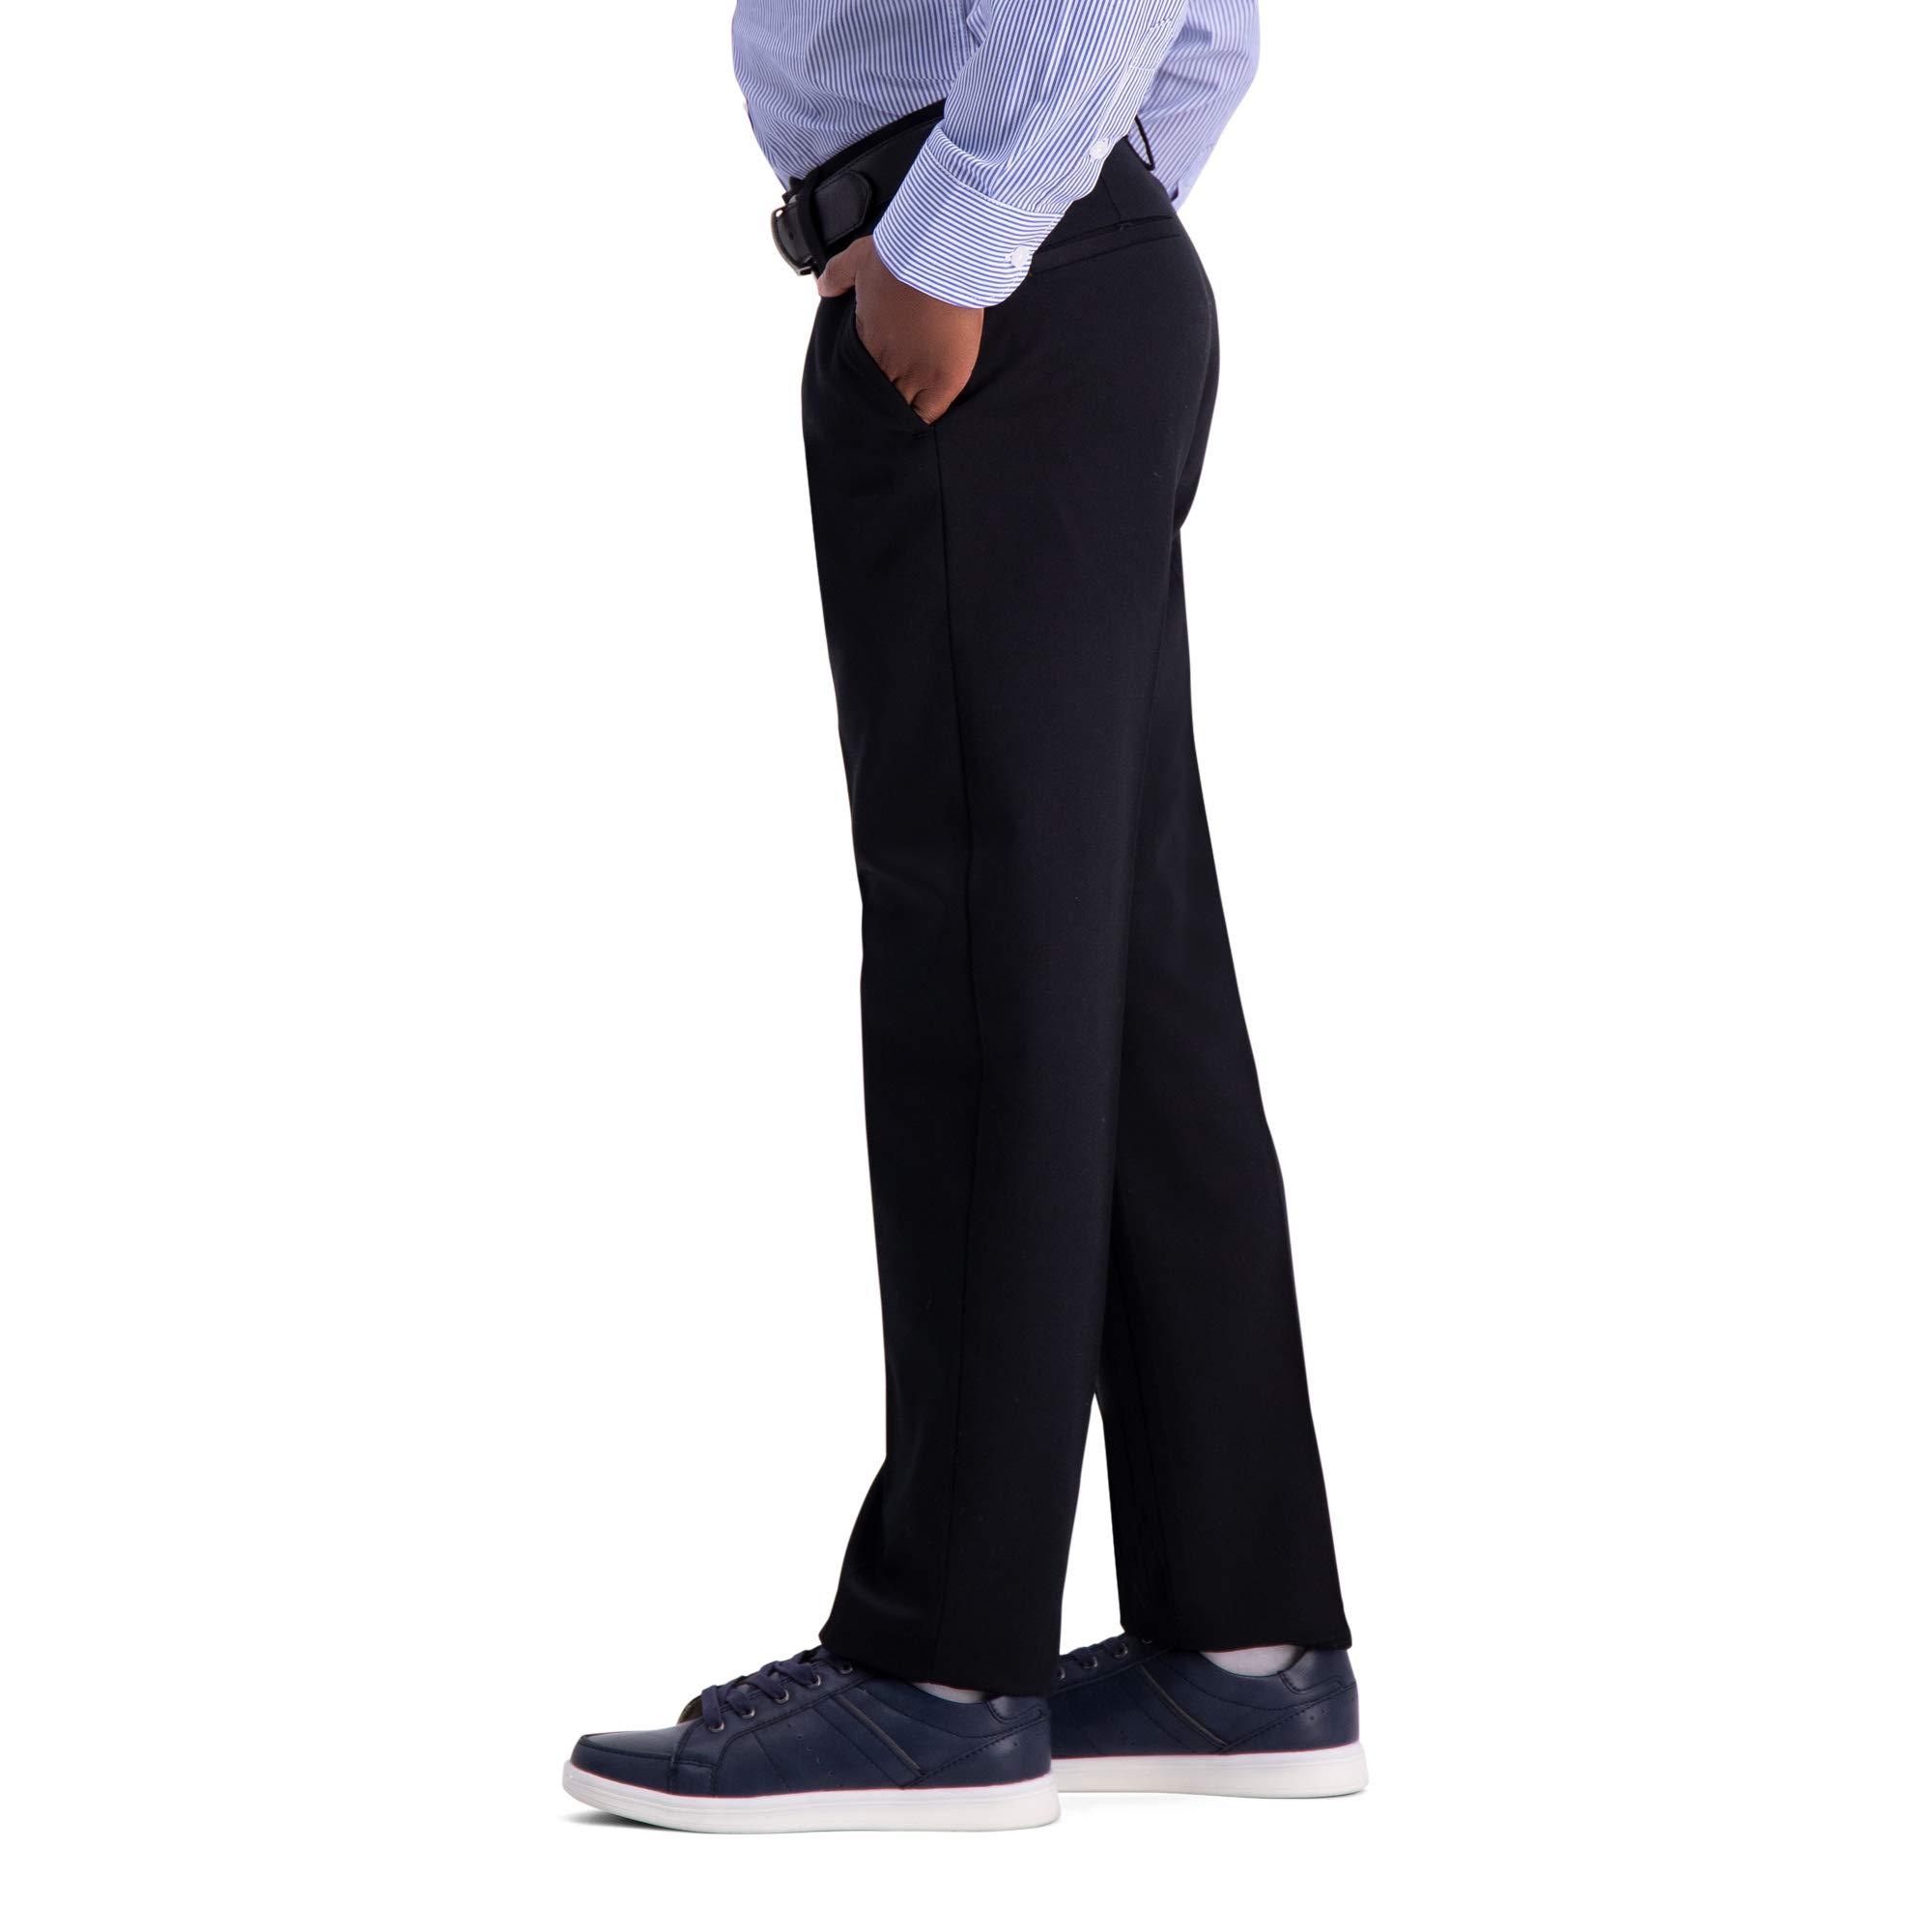 Haggar Big Boy's Youth Slim 8-20 Premium No Iron Khaki Pant, Black, 8 SLM by Haggar (Image #2)